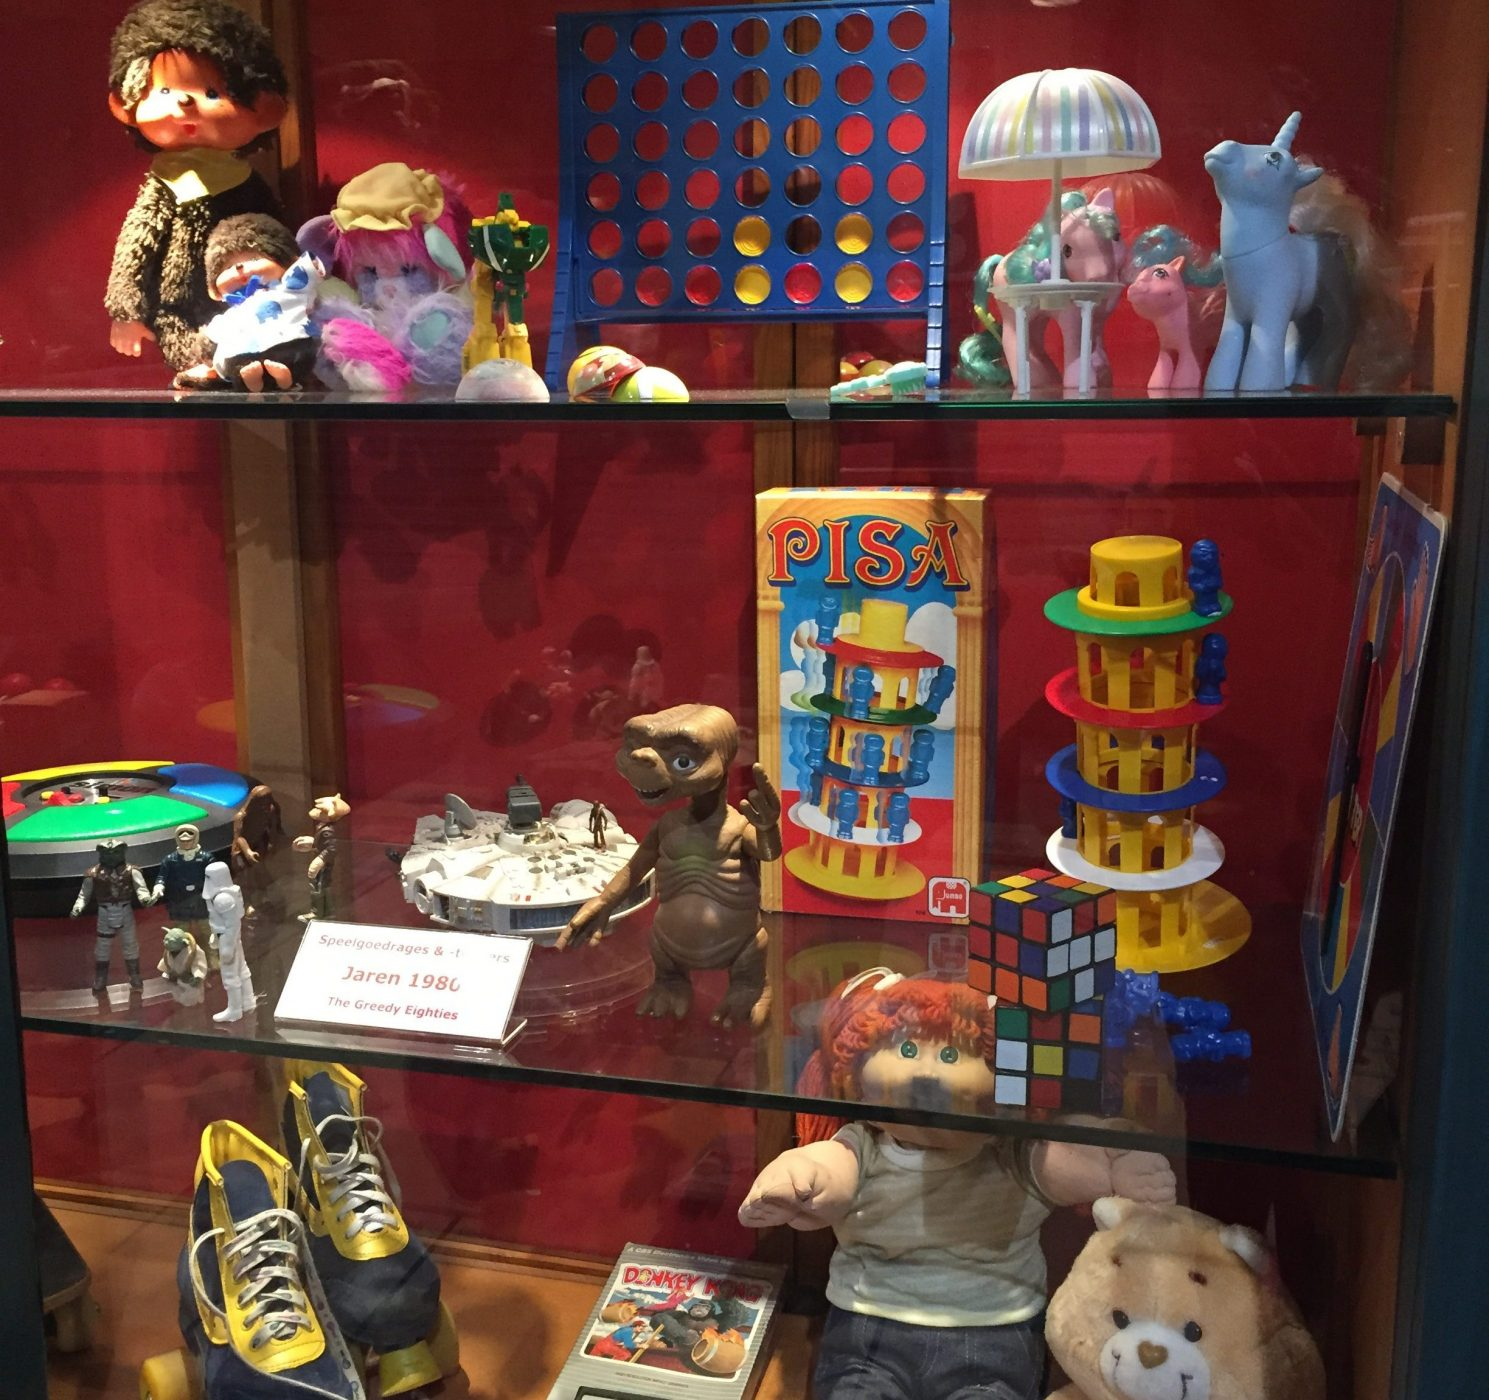 Speelgoed (Toy) Museum